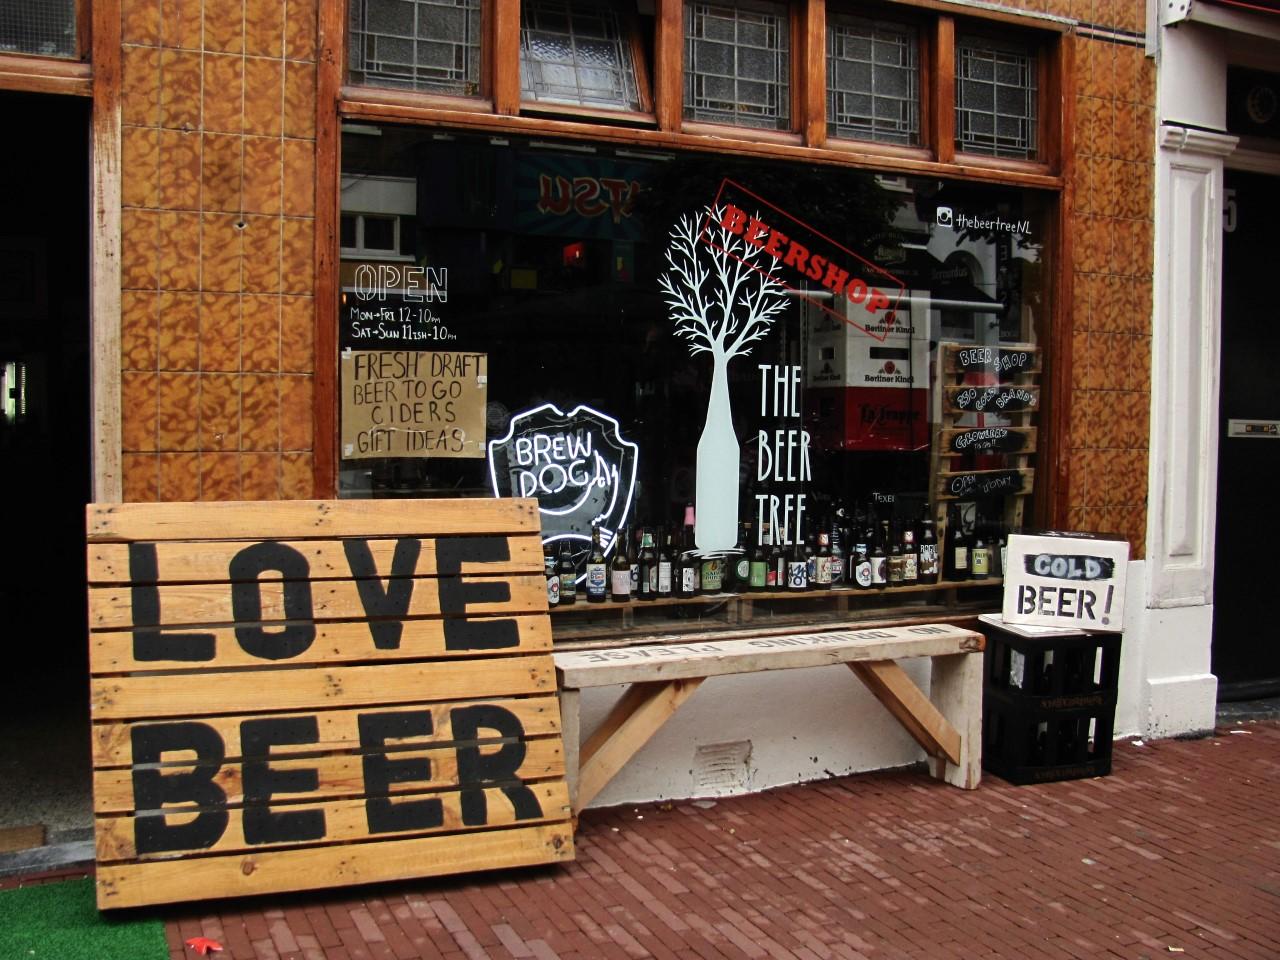 Aki szereti a söröket, látogasson el ide :)